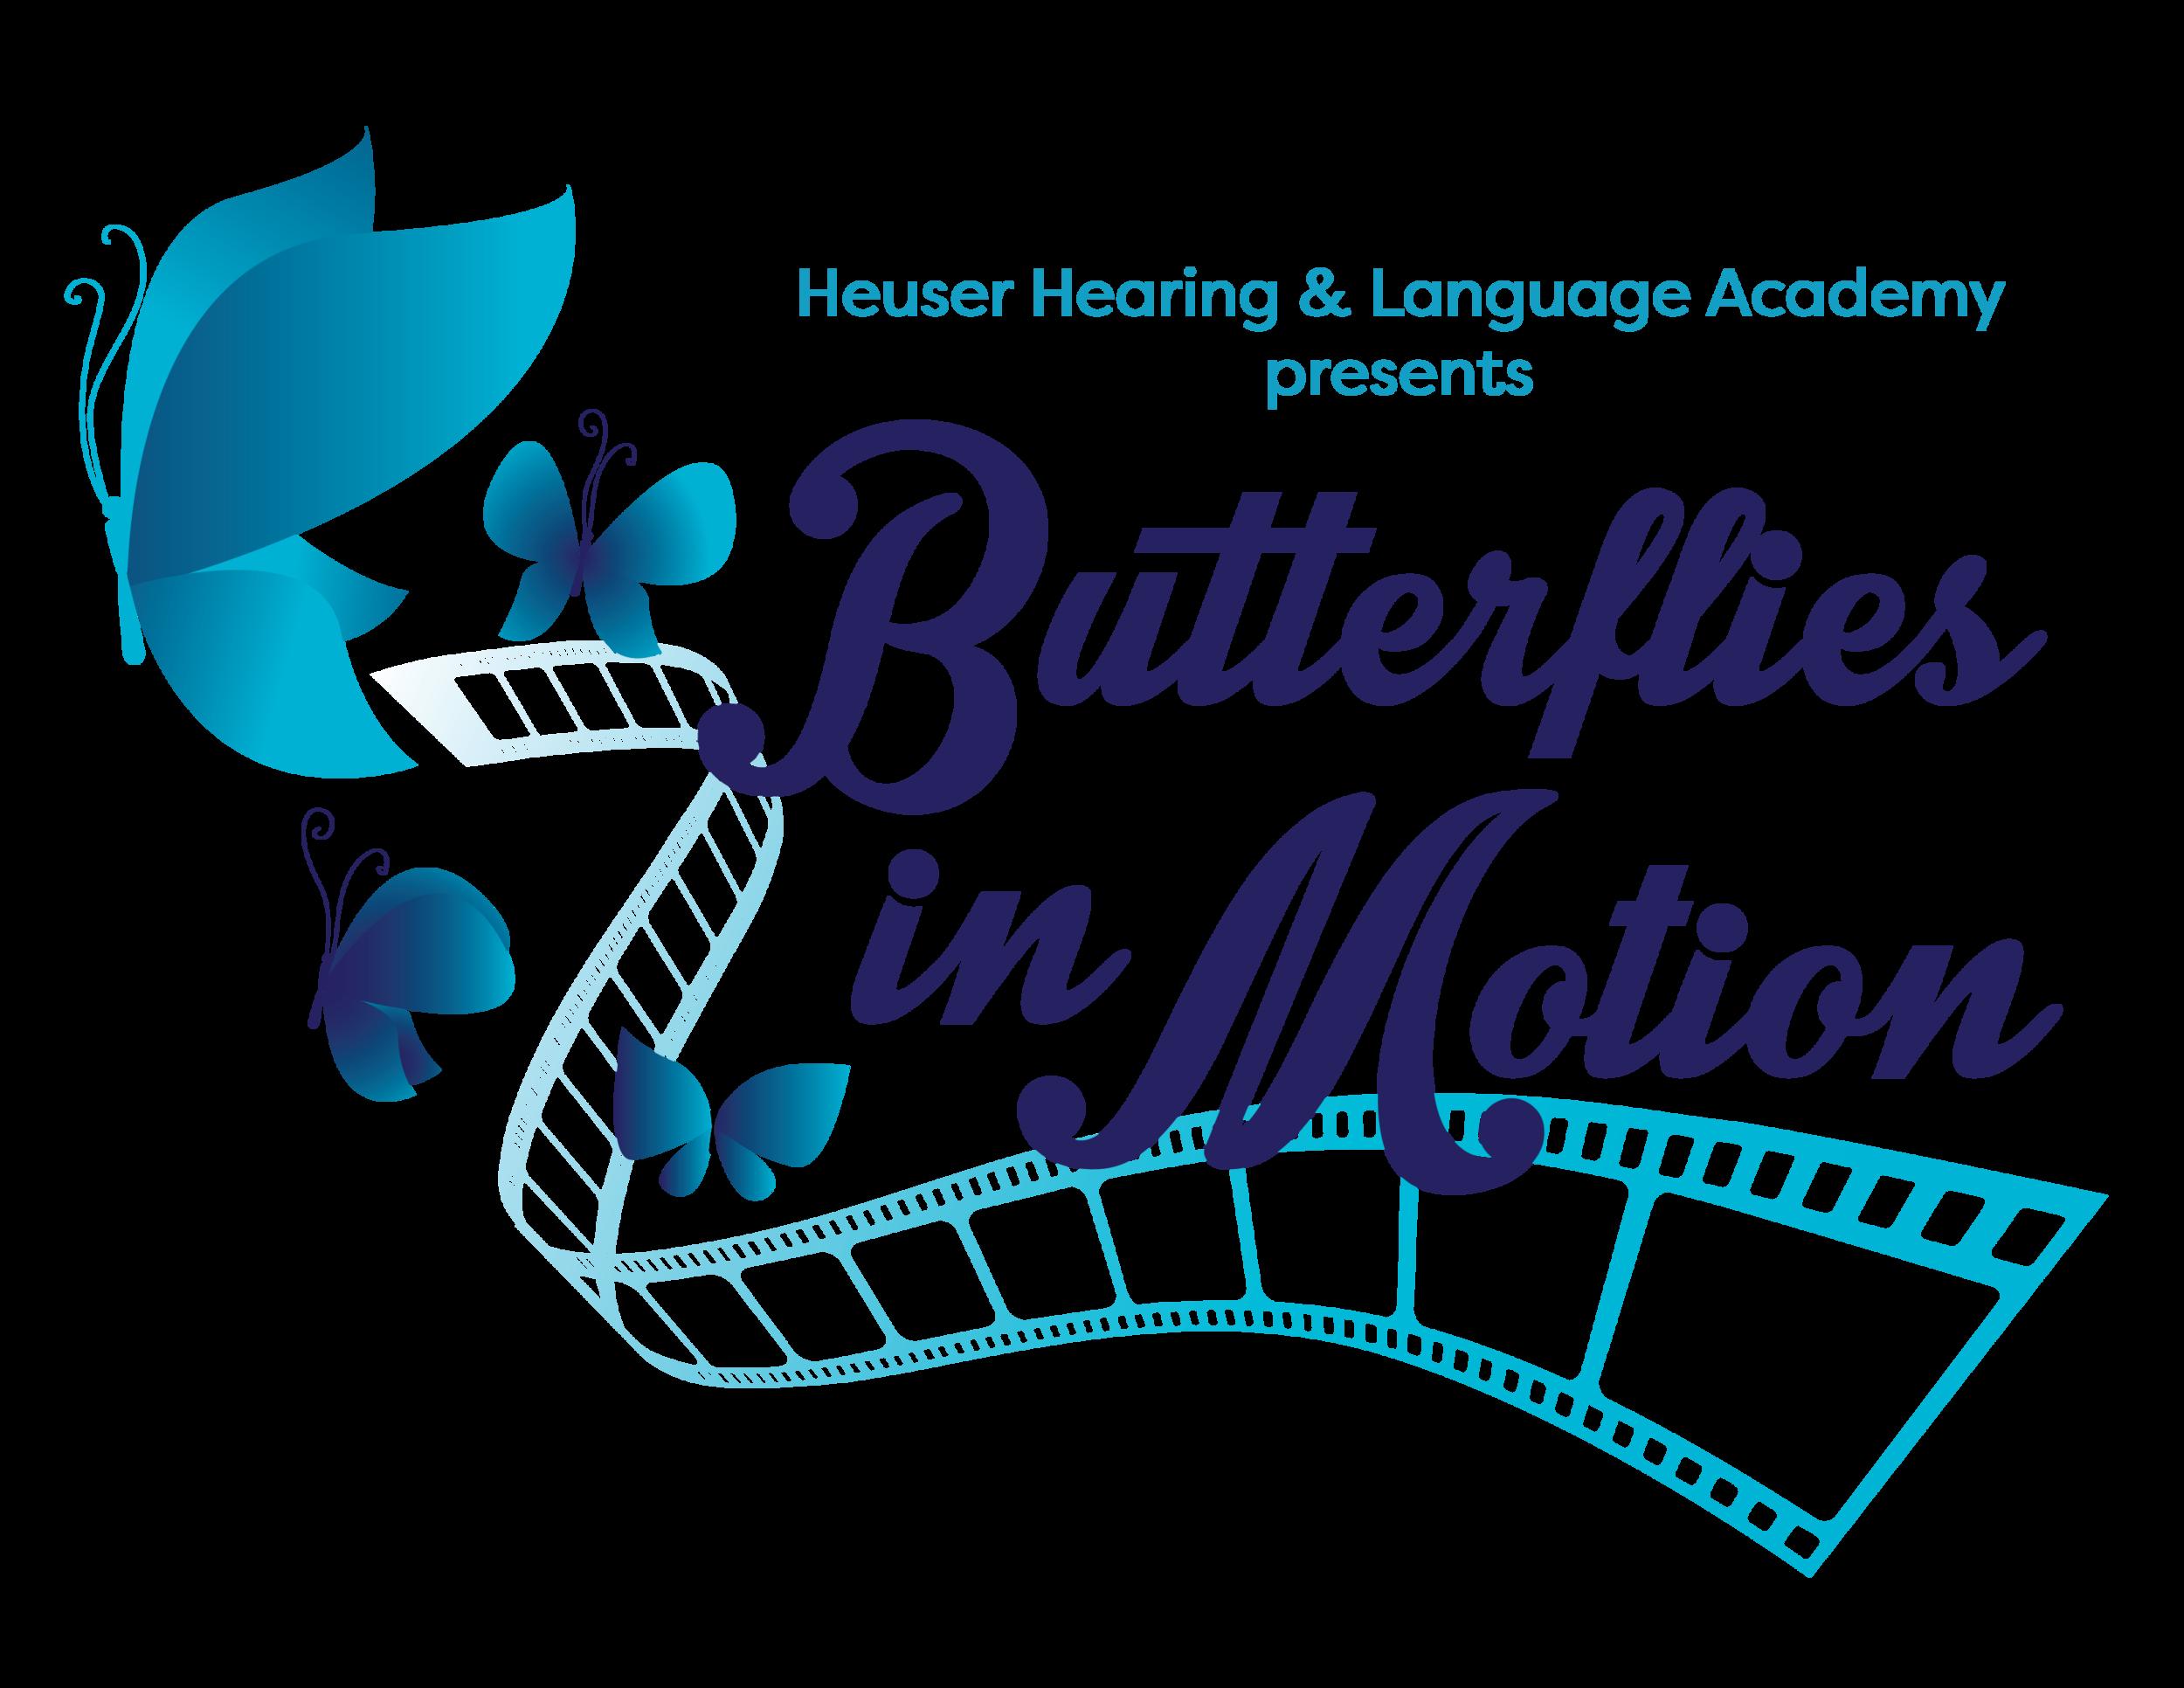 ButterfliesInMotion-update-01.png